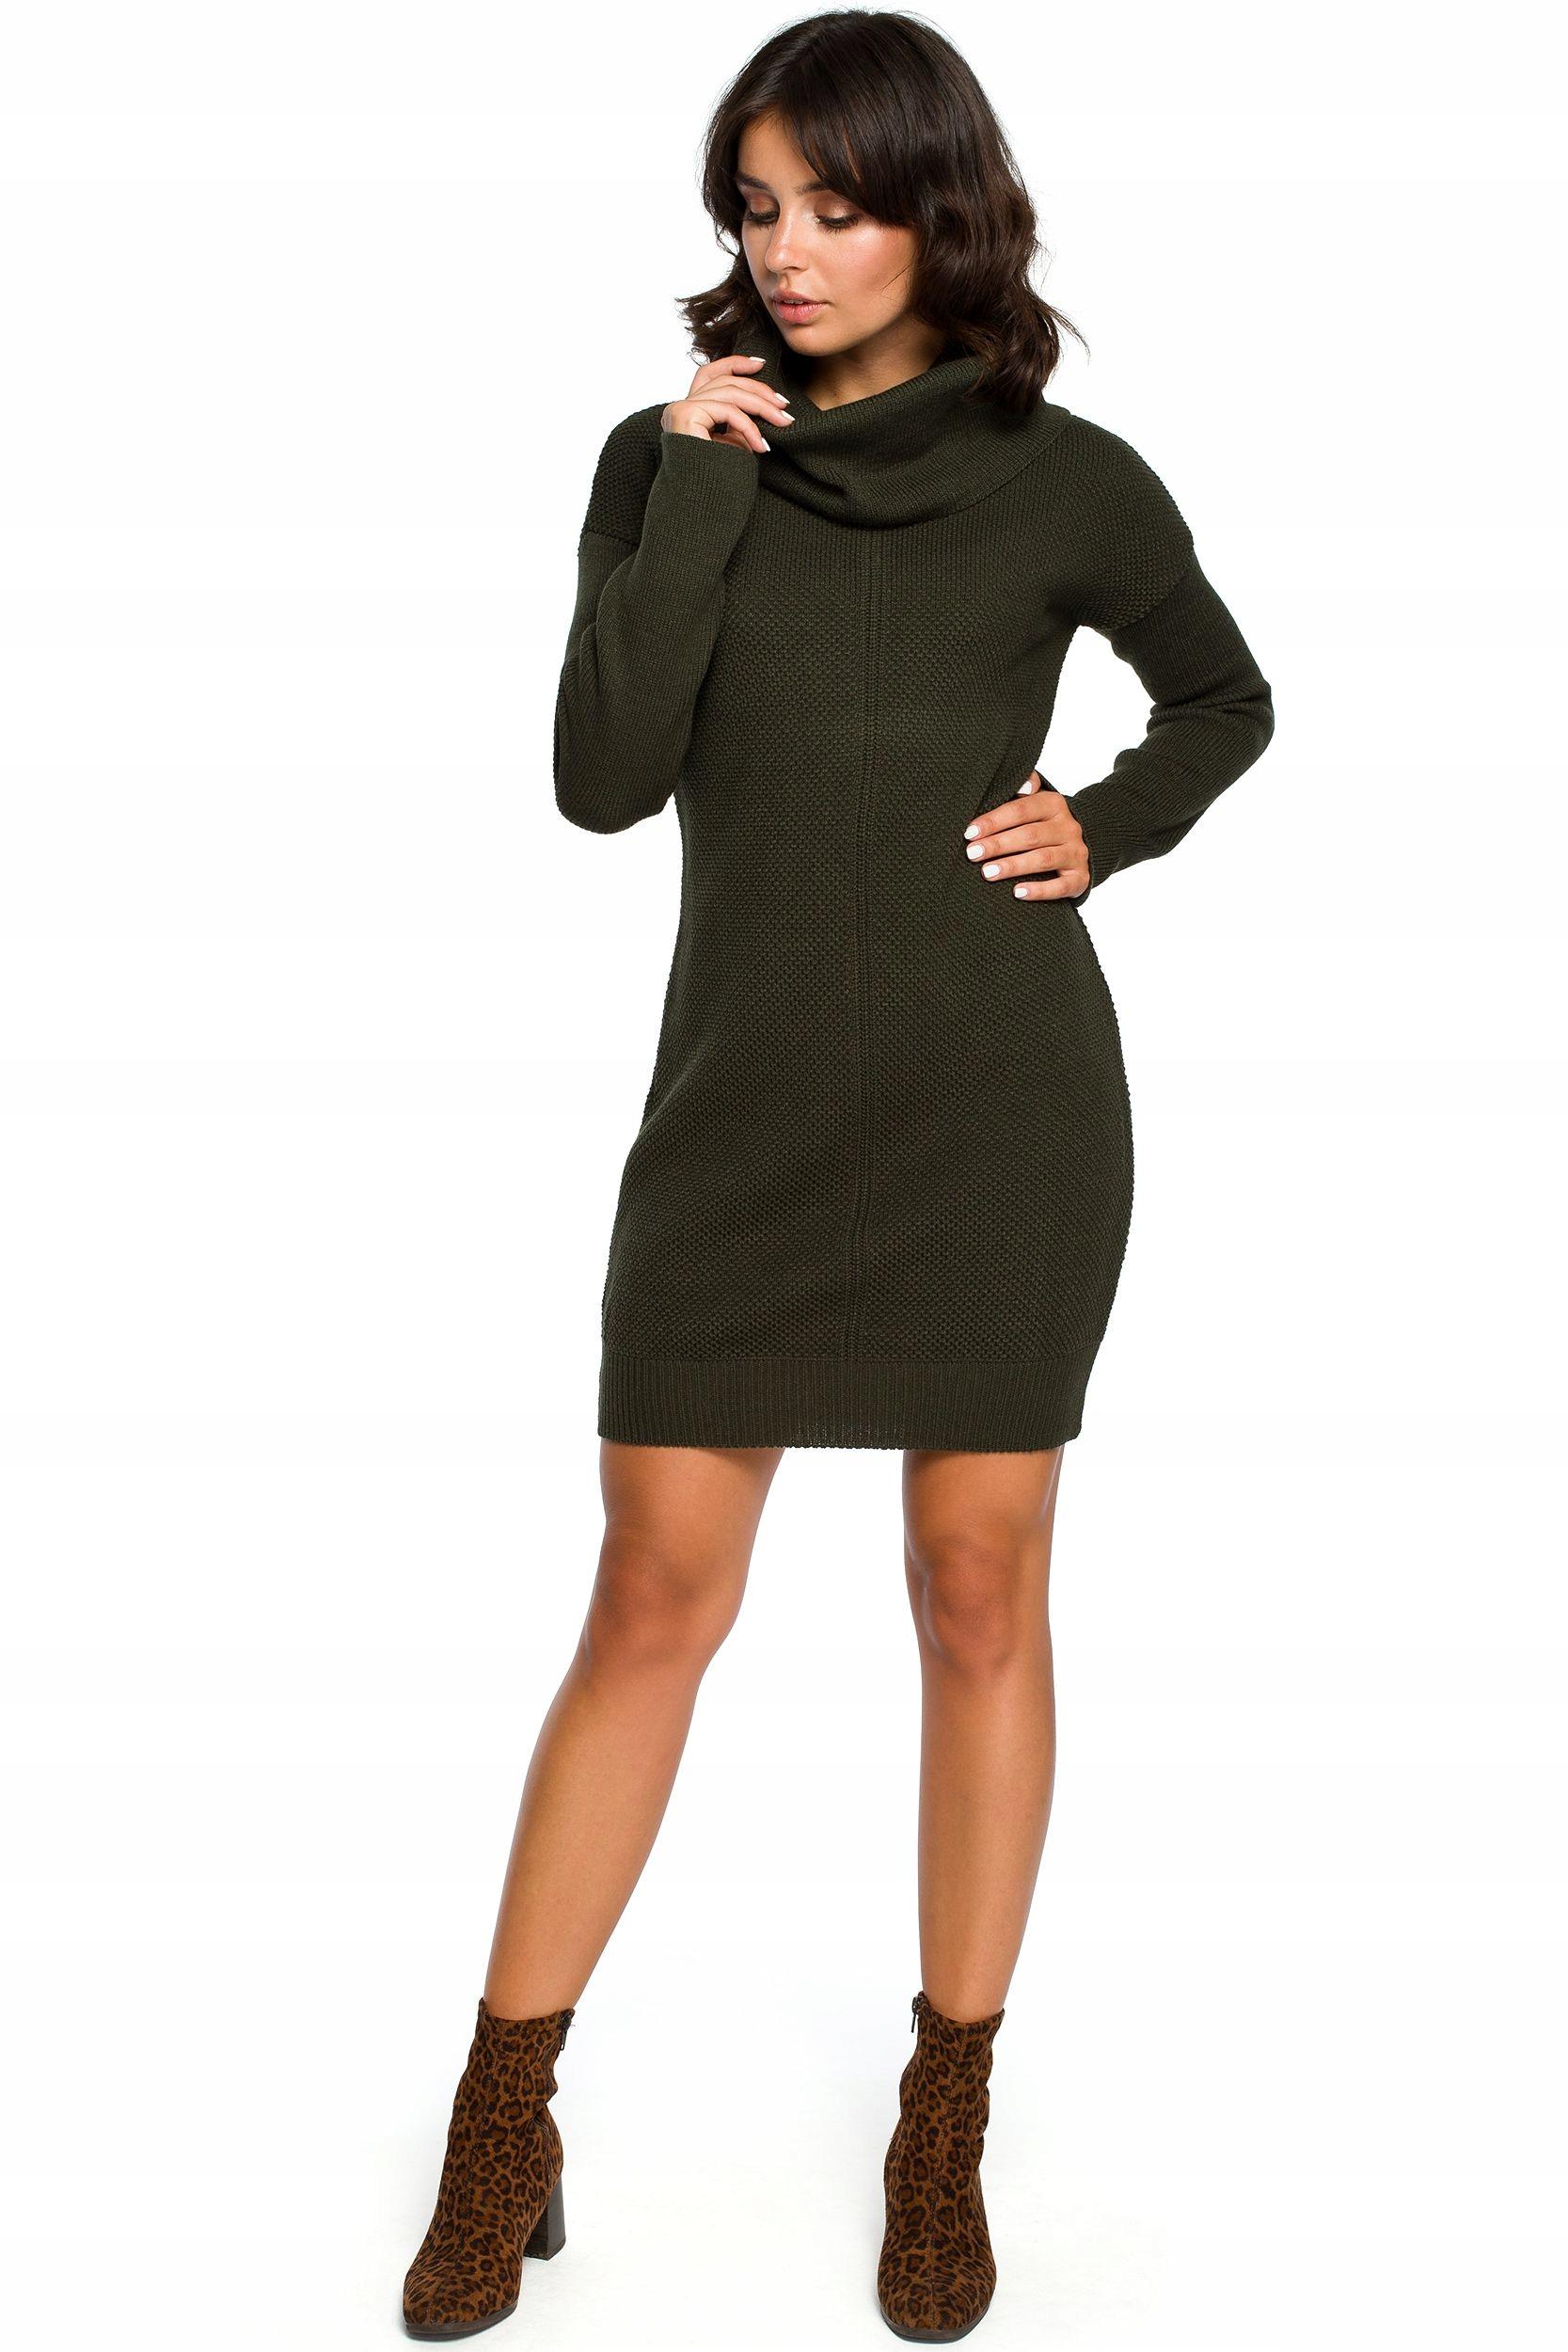 BK010 Swetrowa mini sukienka z golfem - khaki Uni